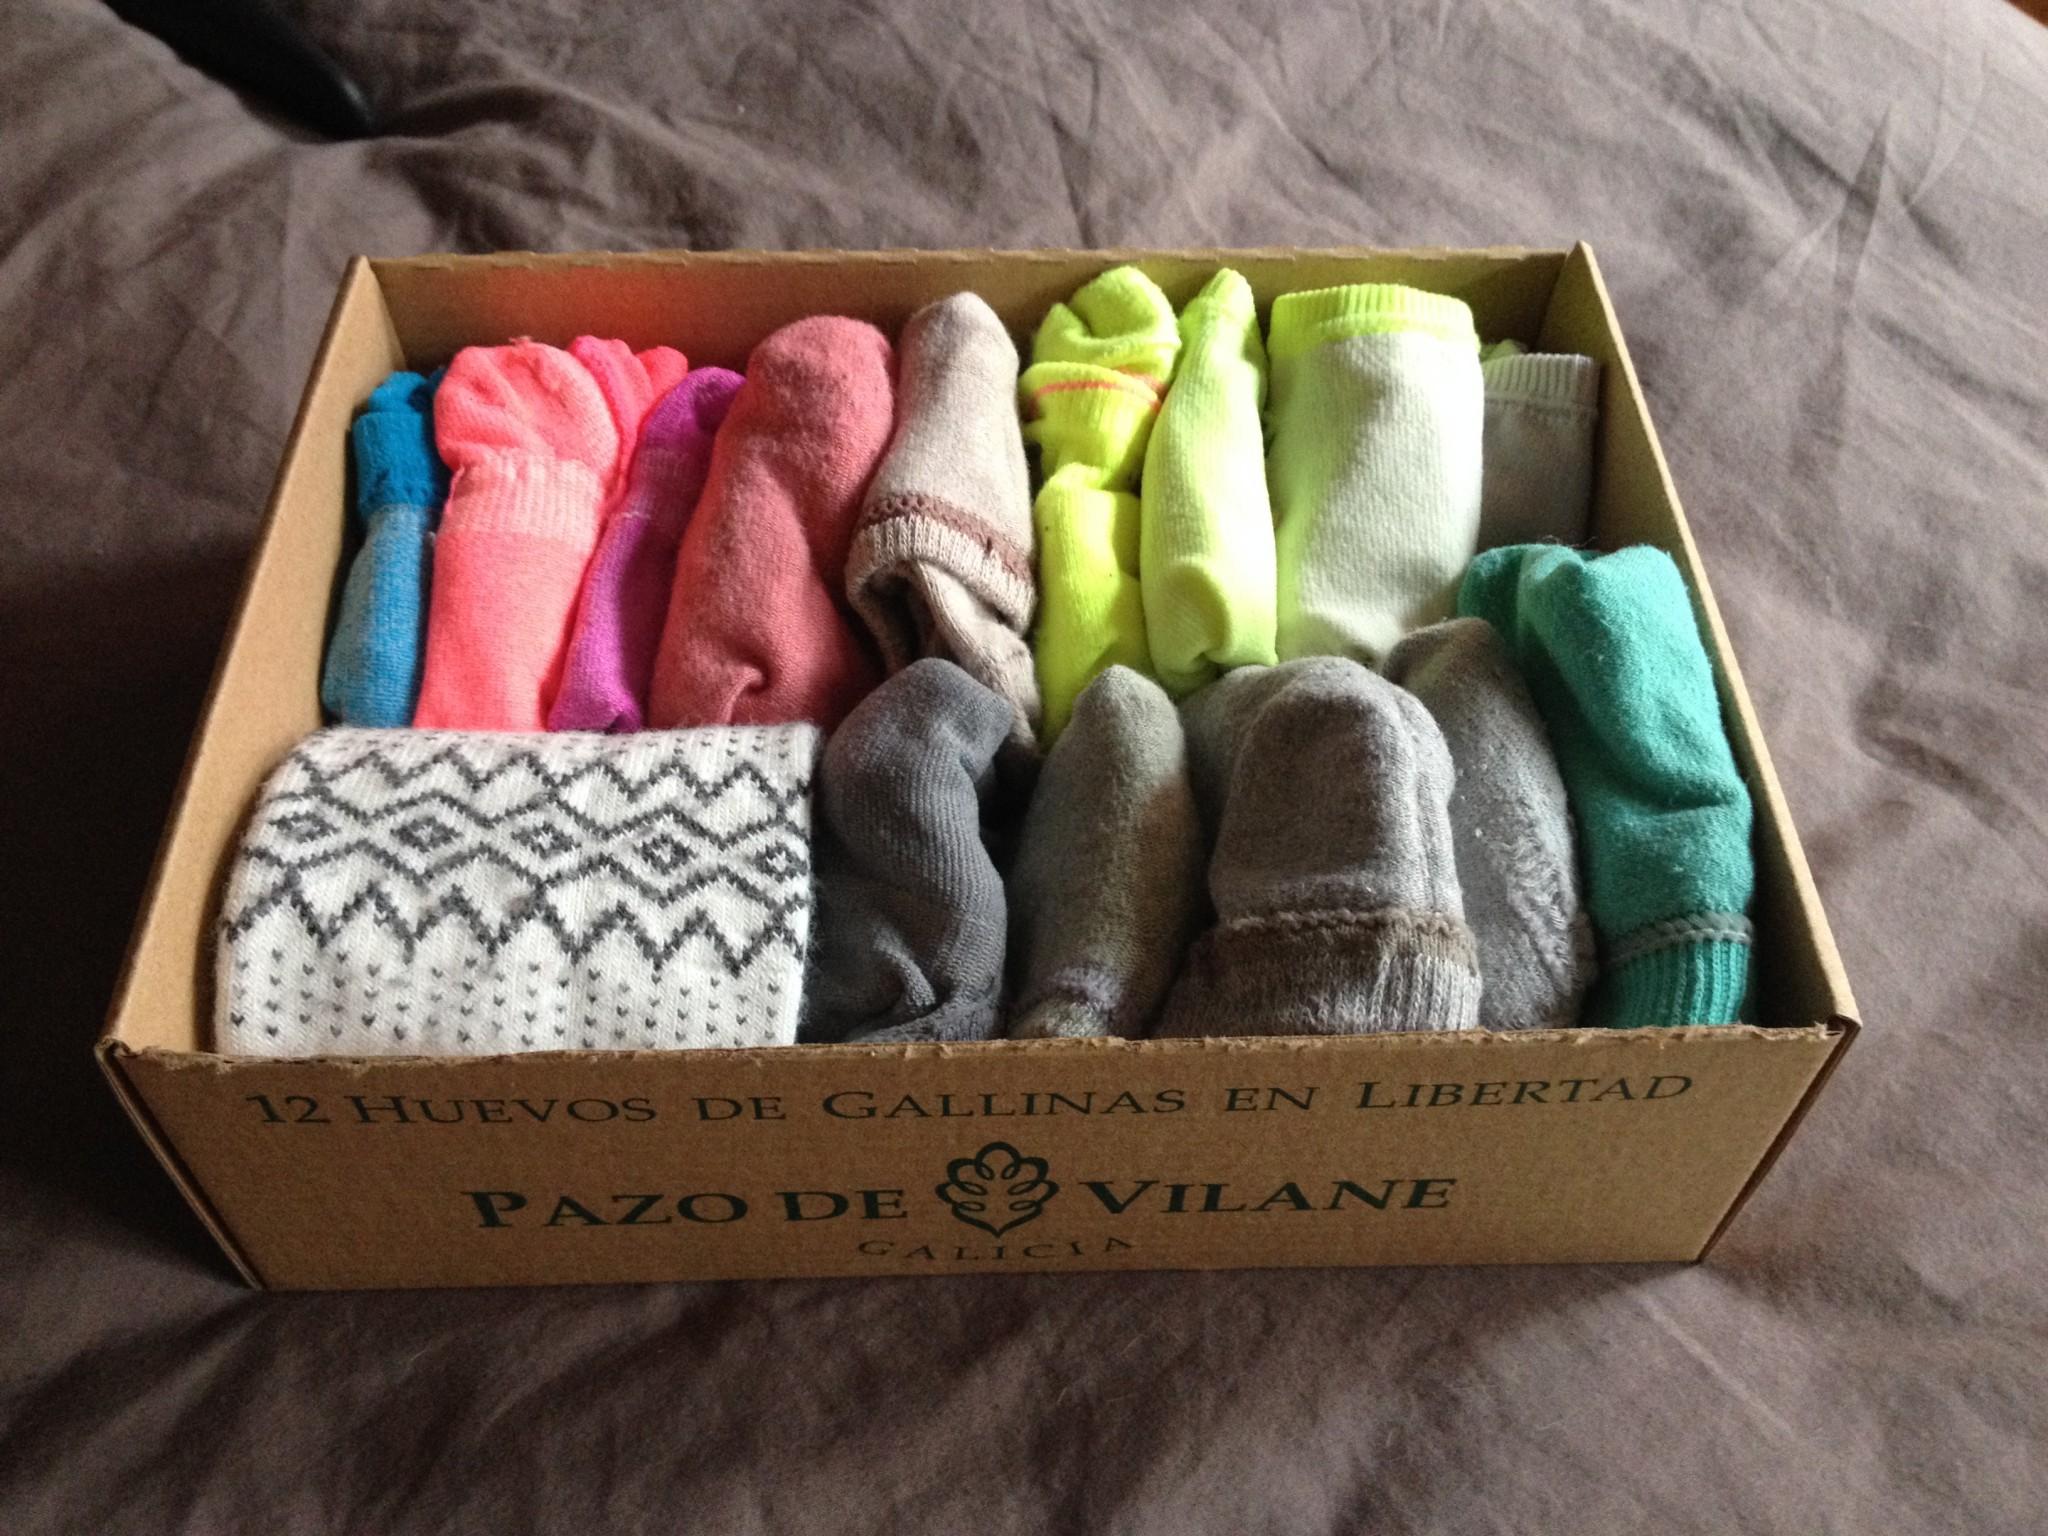 La caja de huevo campero Pazo de Vilane te ayuda a almacenar tu ropa interior